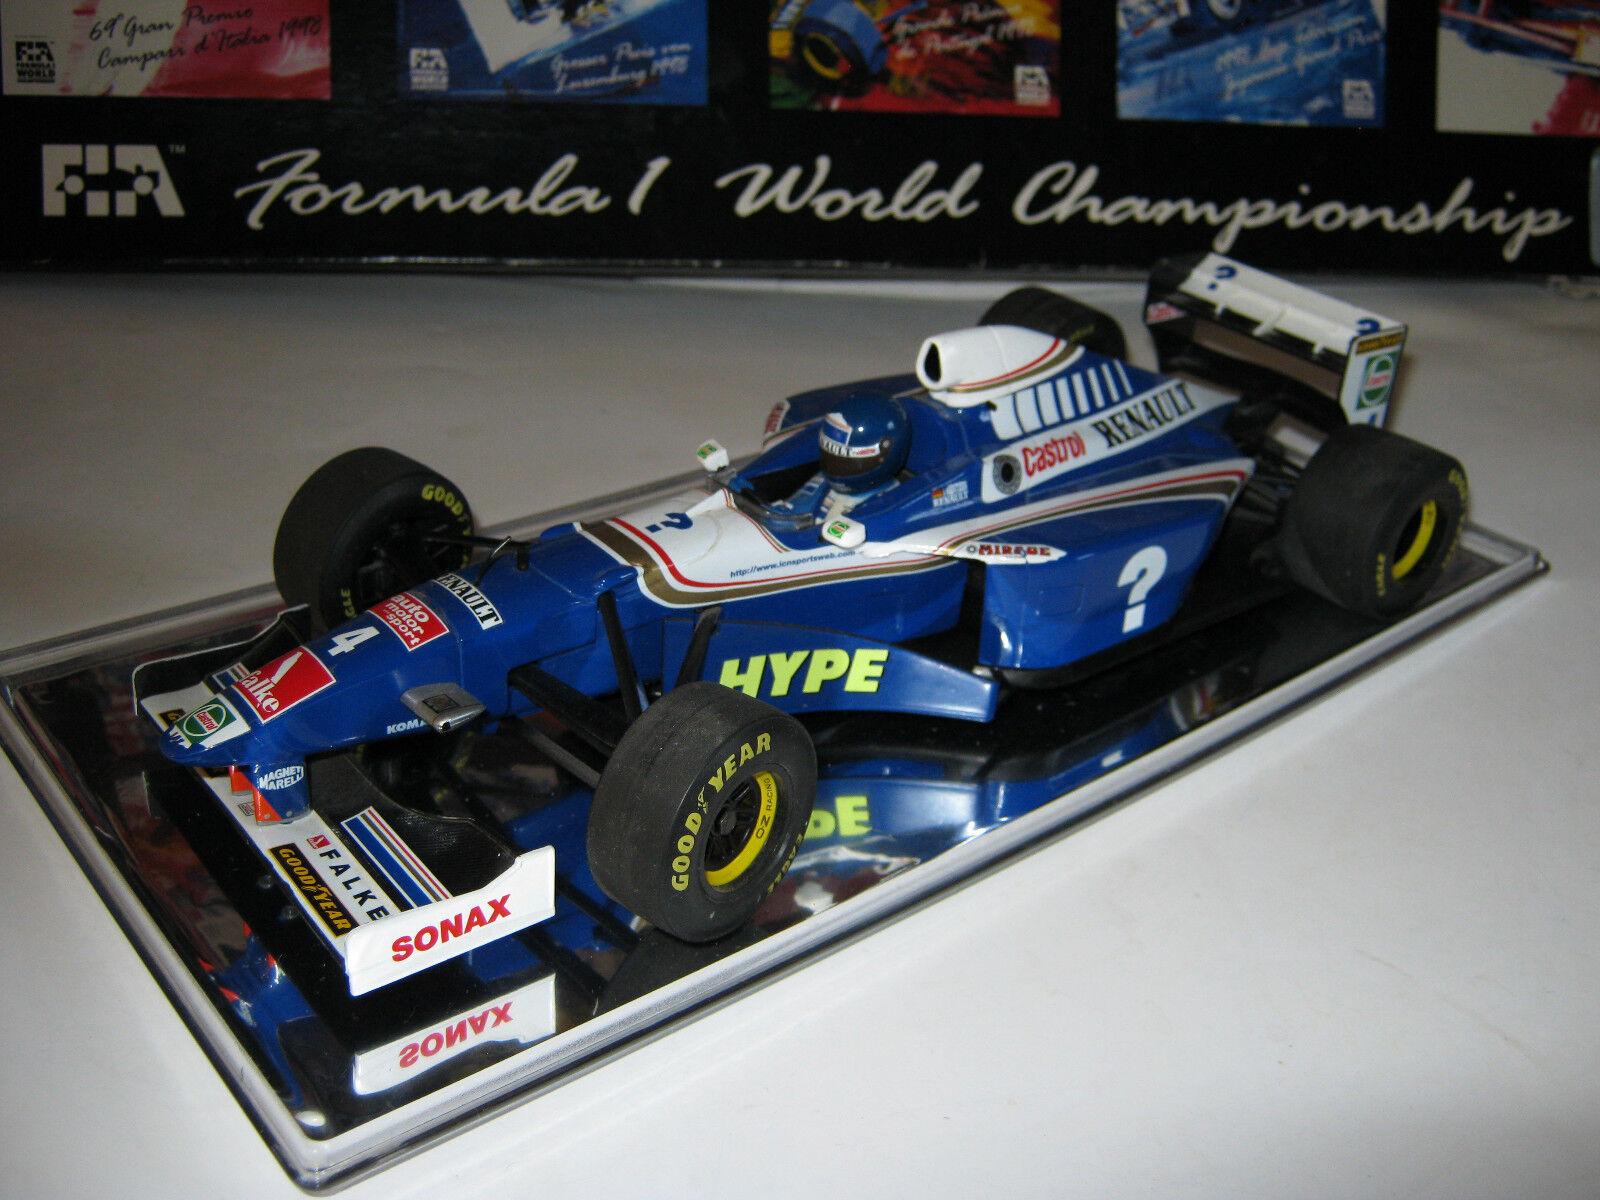 1:18 Williams fw19 German driver H.H. Frentzen 1997 Minichamps in Showcase Top